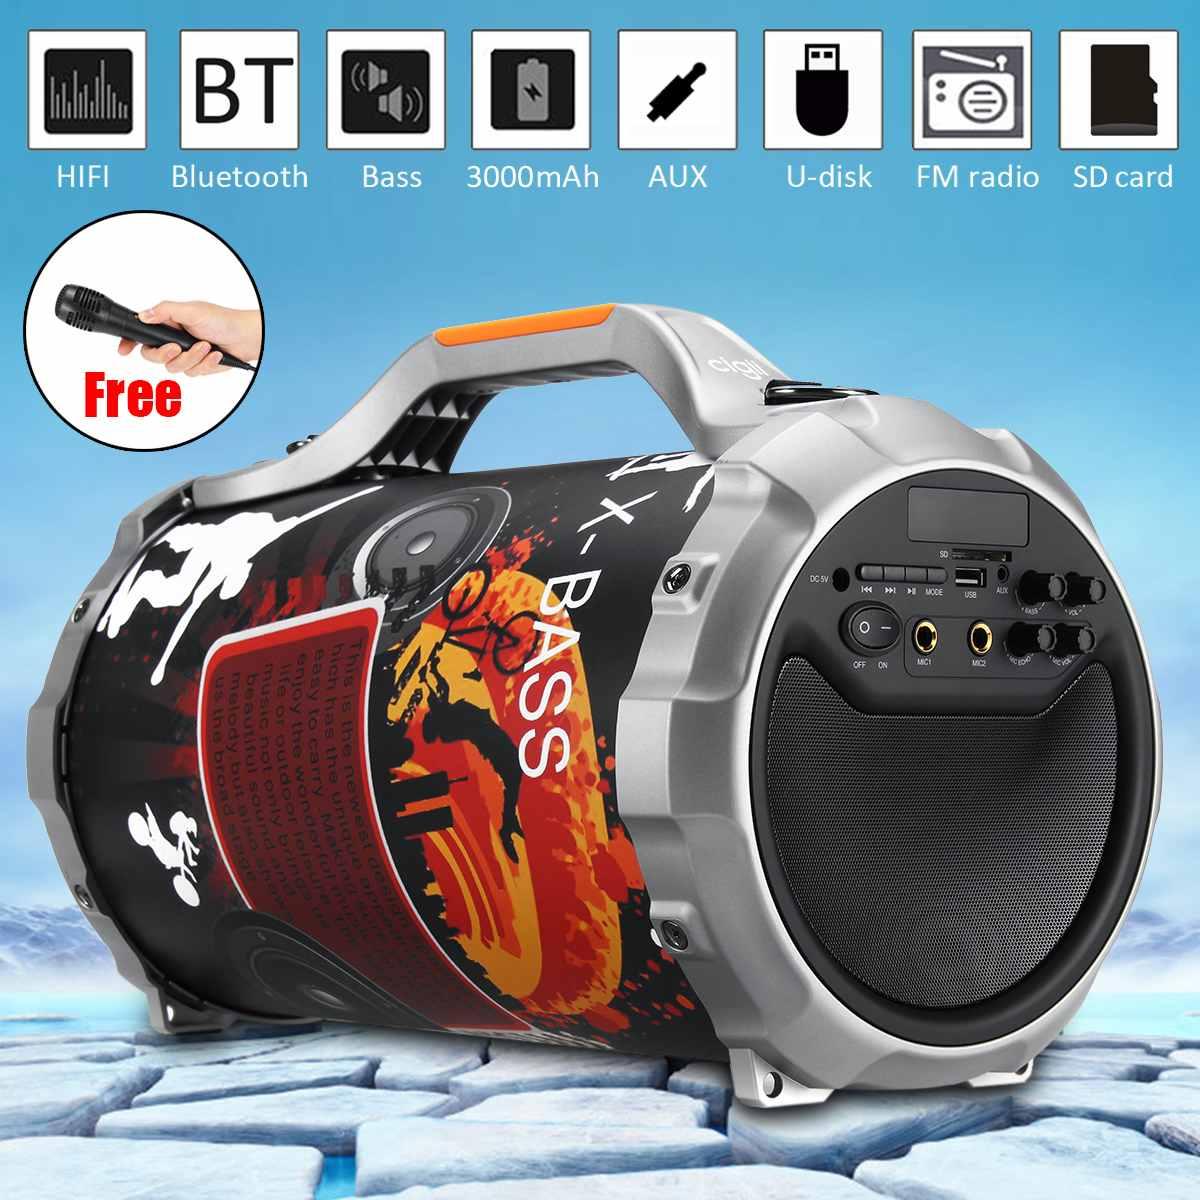 Haut-parleur d'alimentation sans fil bluetooth caisson de basses stéréo extérieur Portable karaoké DJ lecteur de musique fort + Microphone FM USB AUX SD